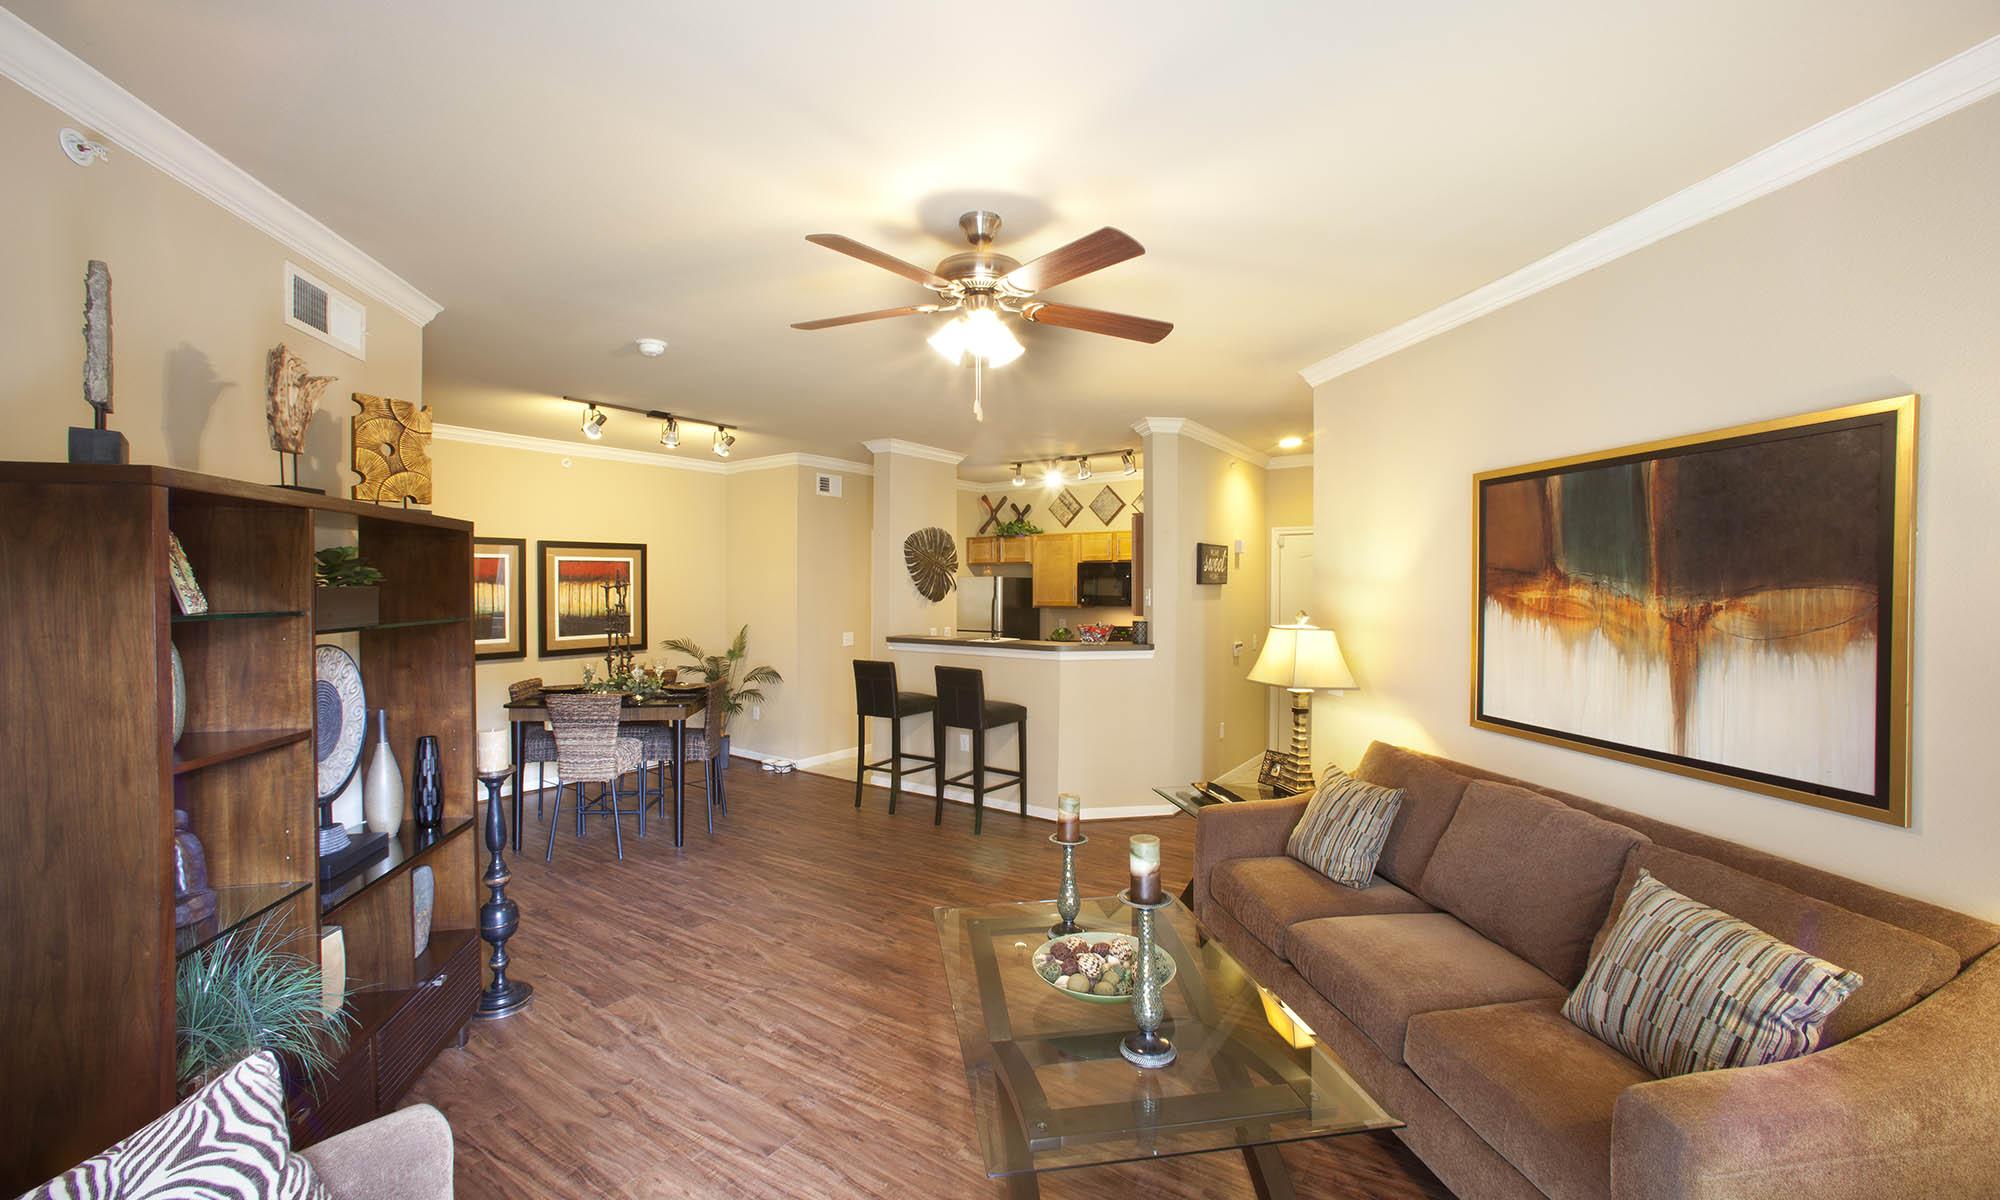 Apartments in Magnolia, TX